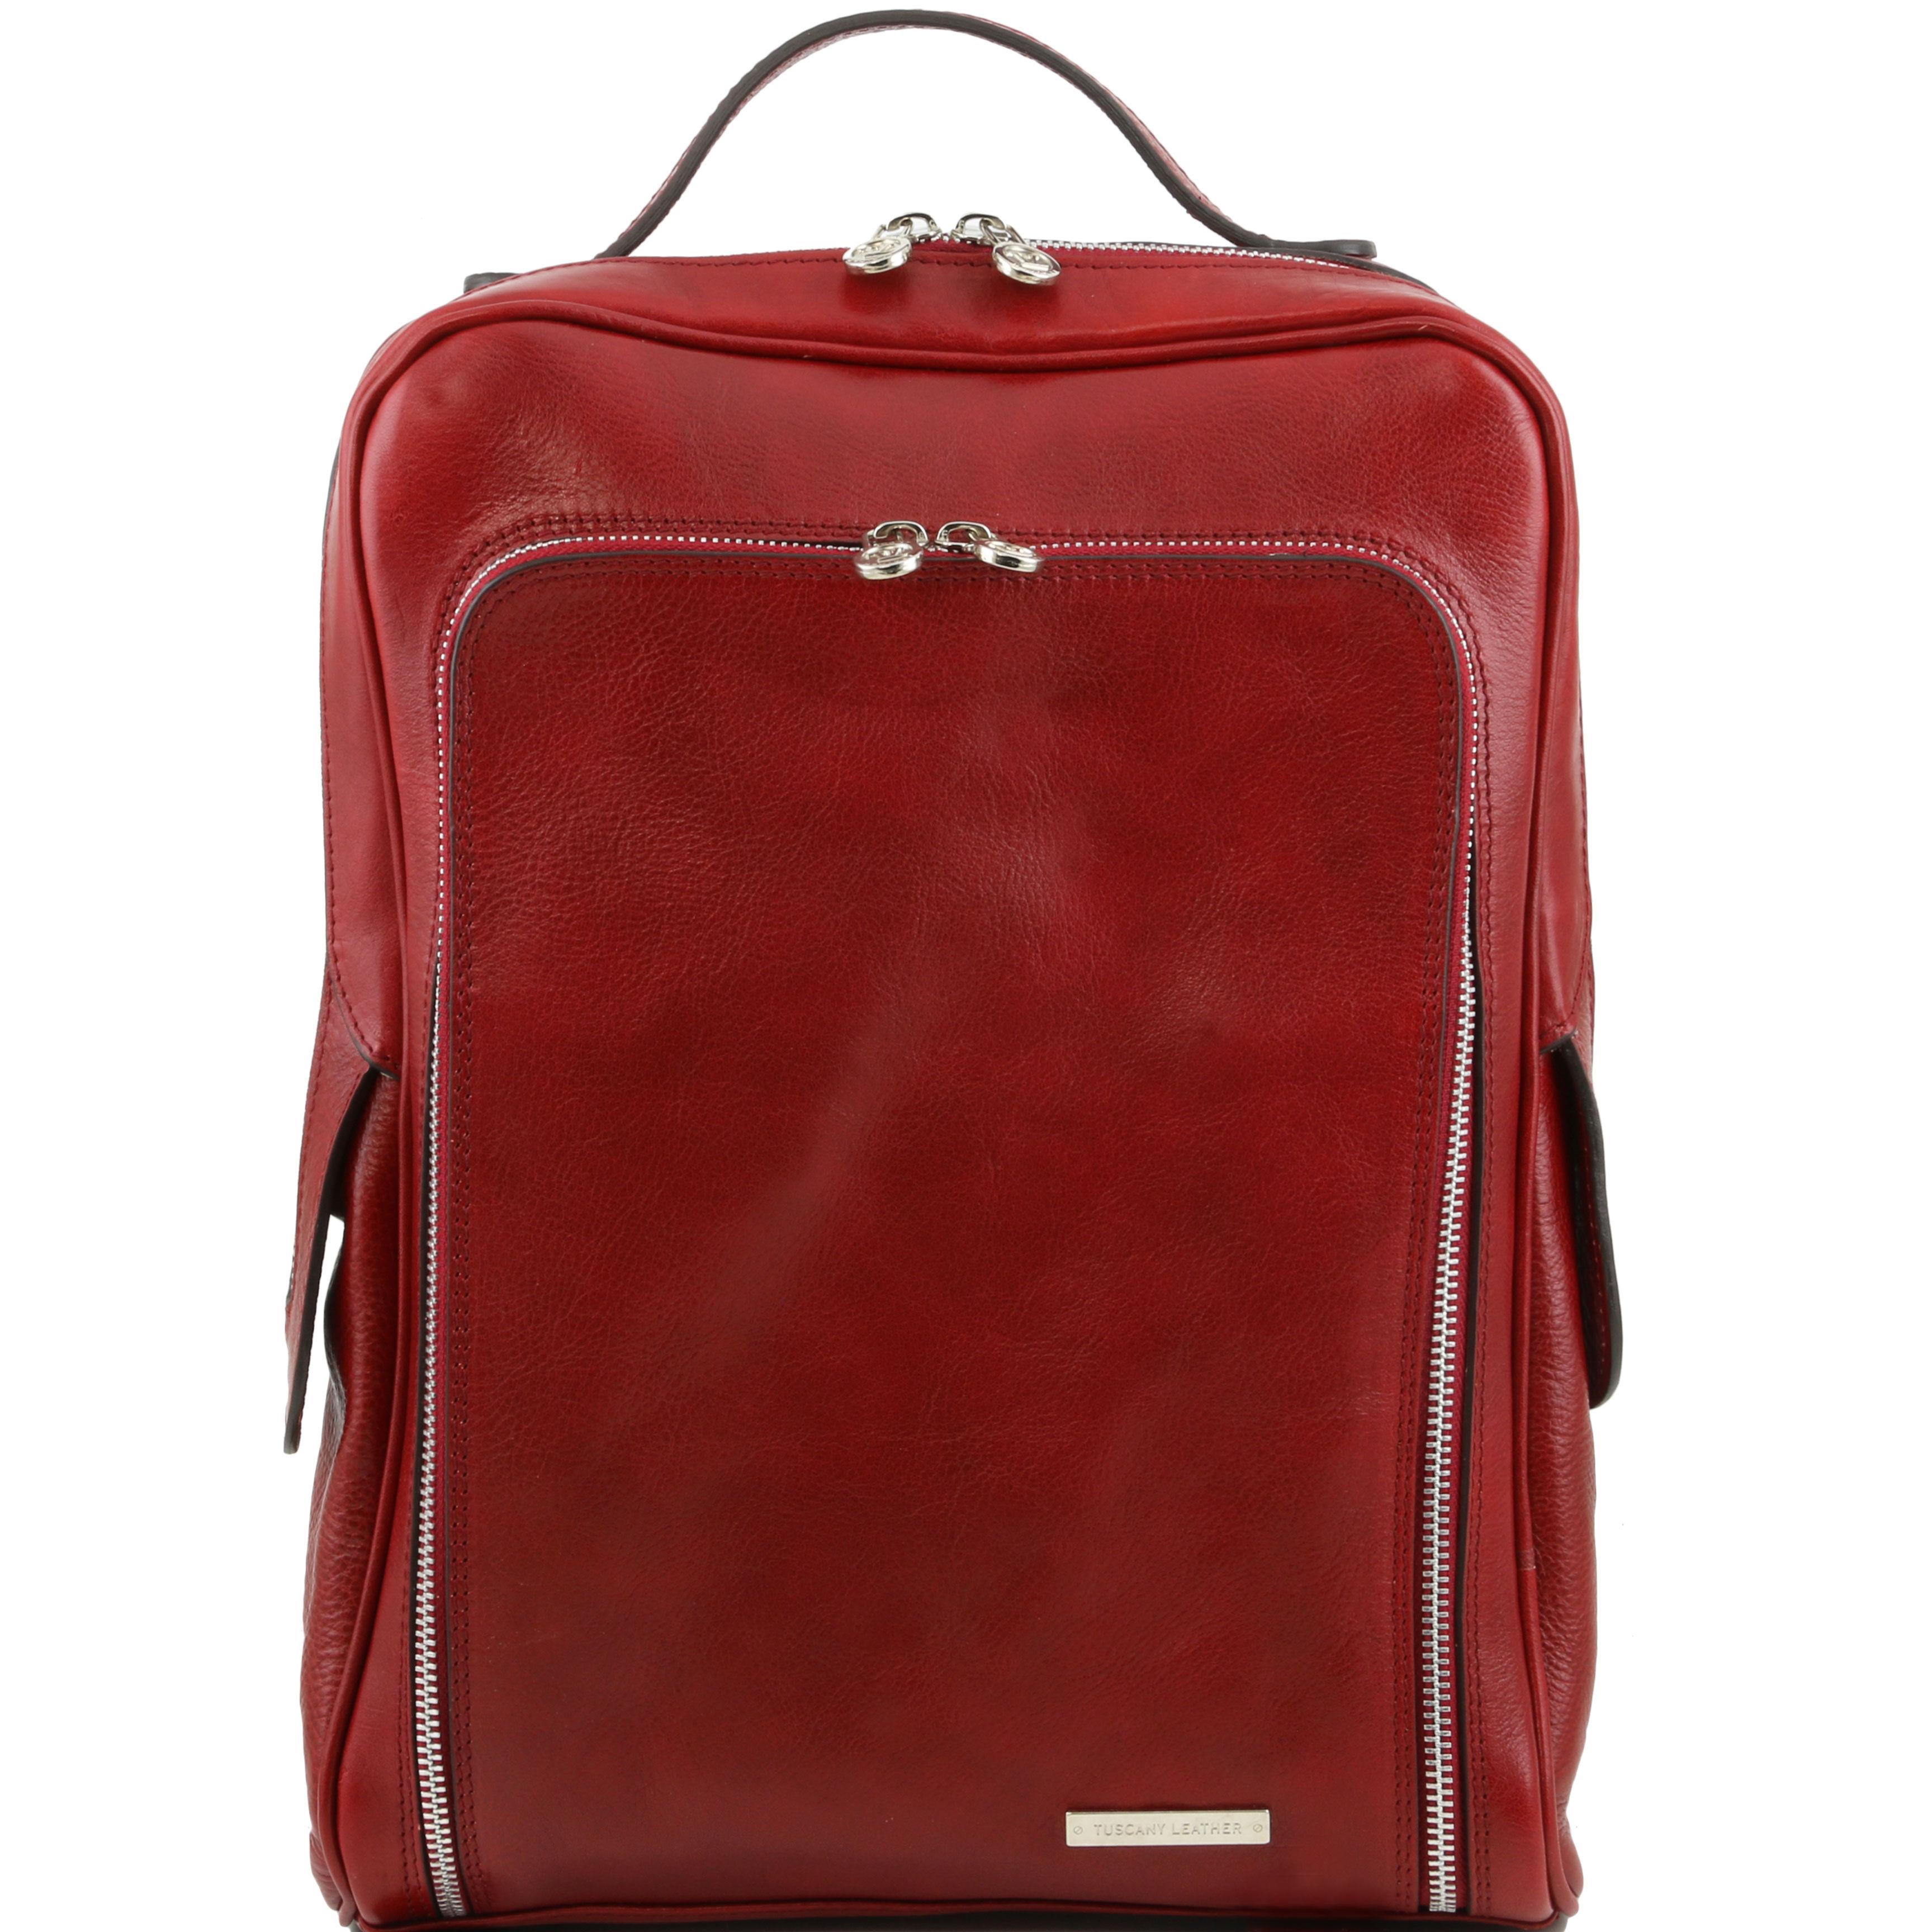 BANGKOK - Rucsac laptop din piele rosie